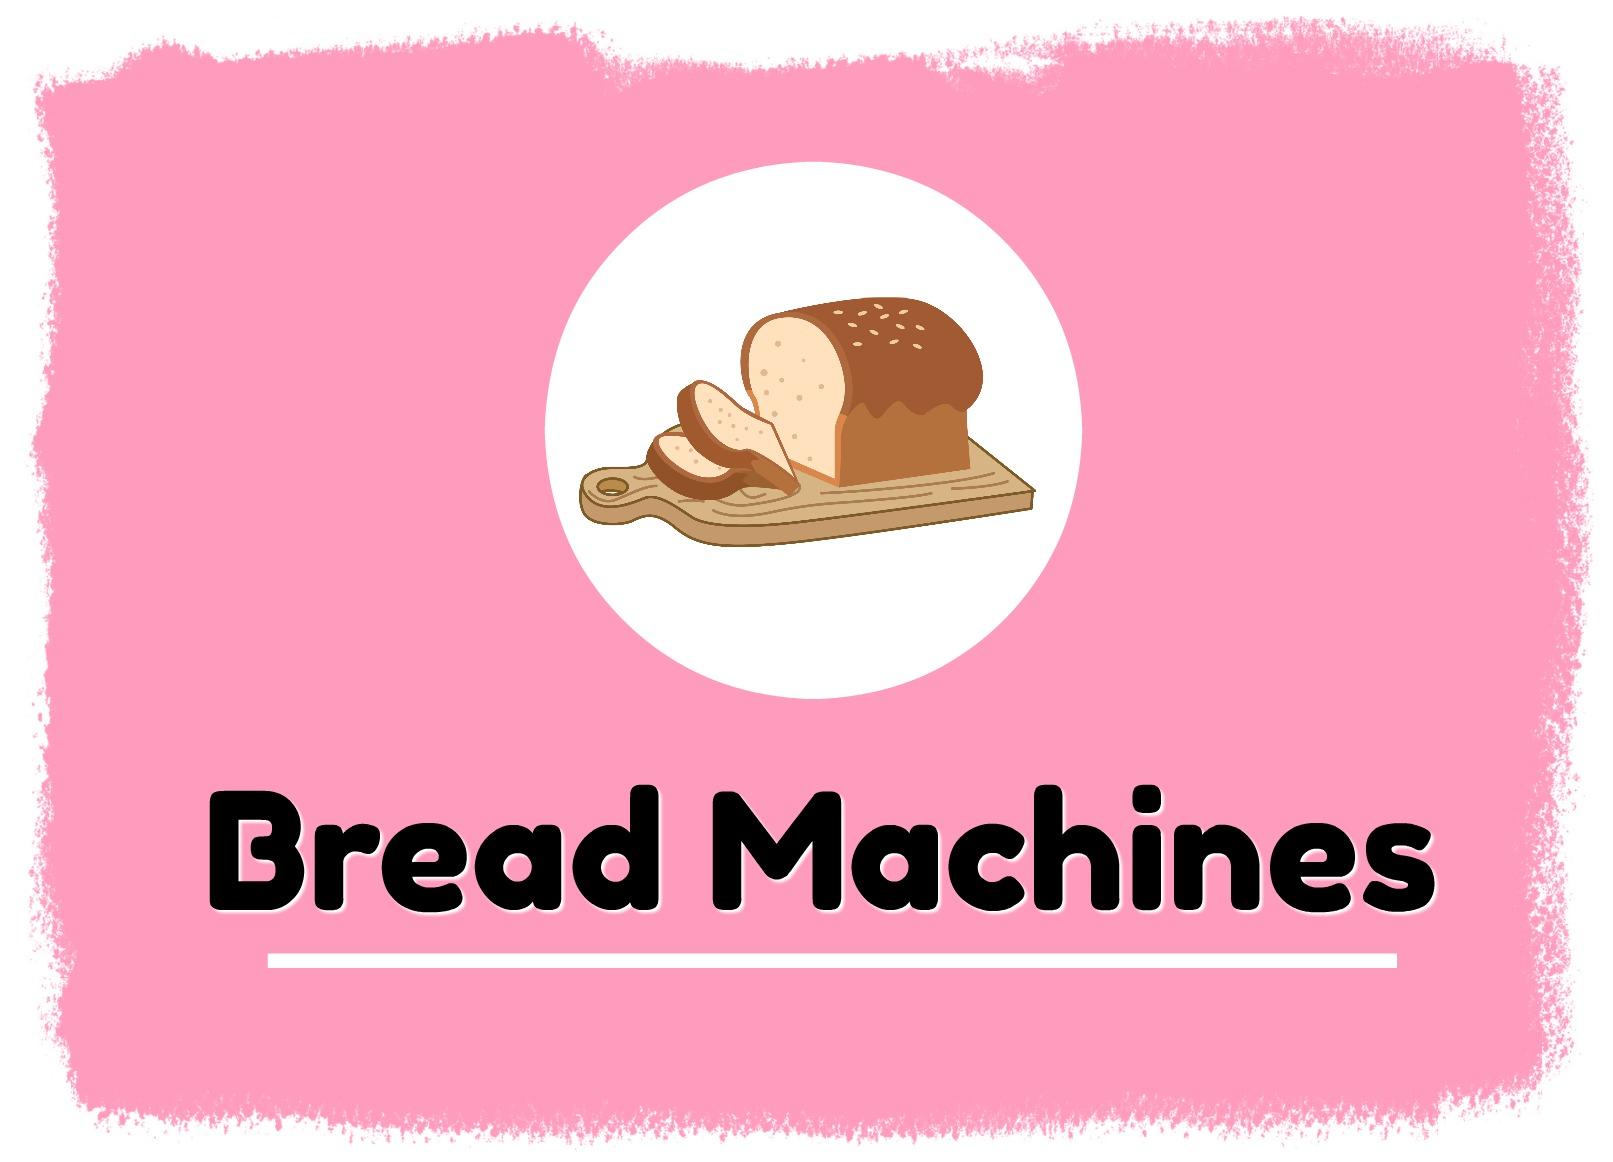 bread machine maker